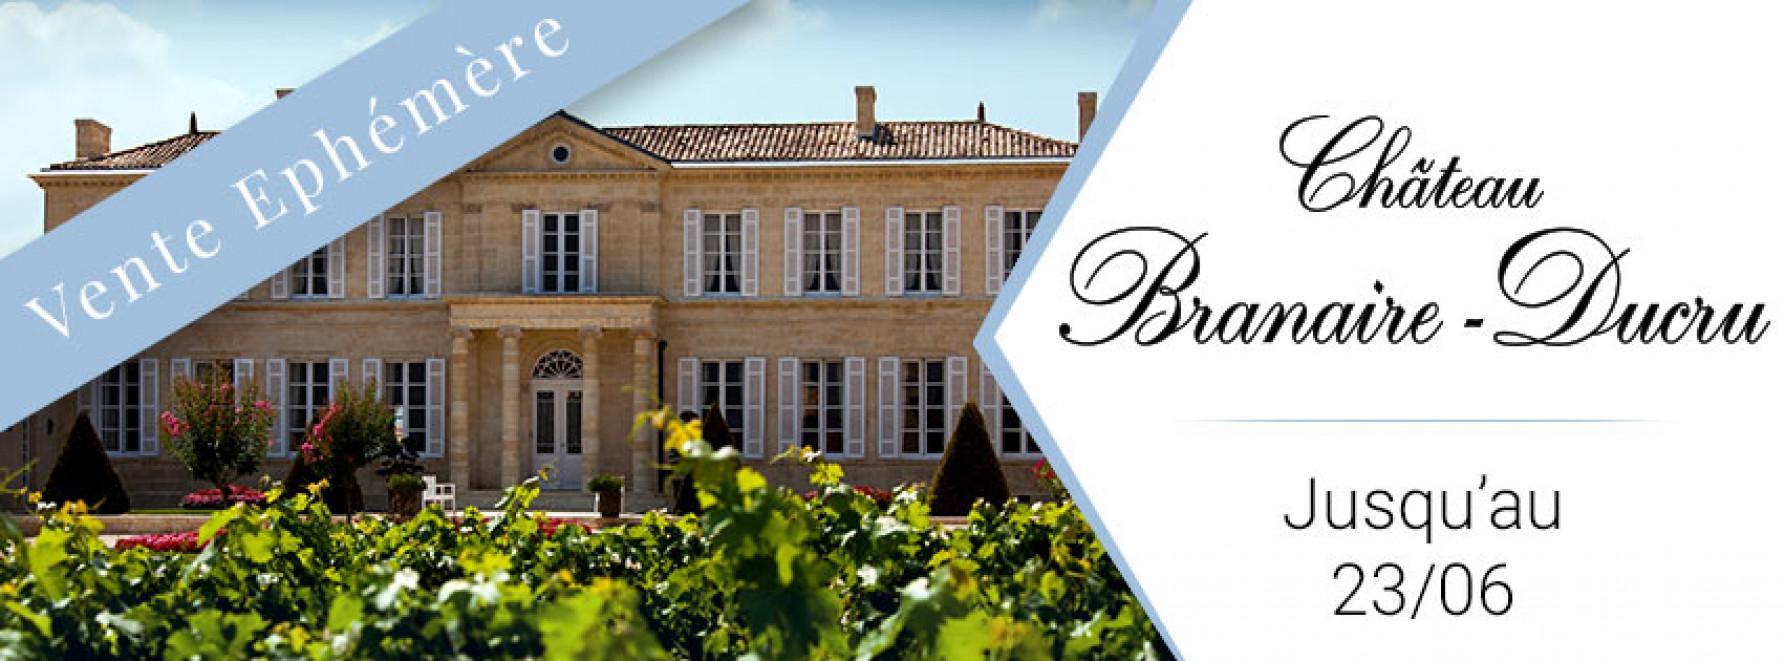 Vente Éphémère du Château Branaire-Ducru